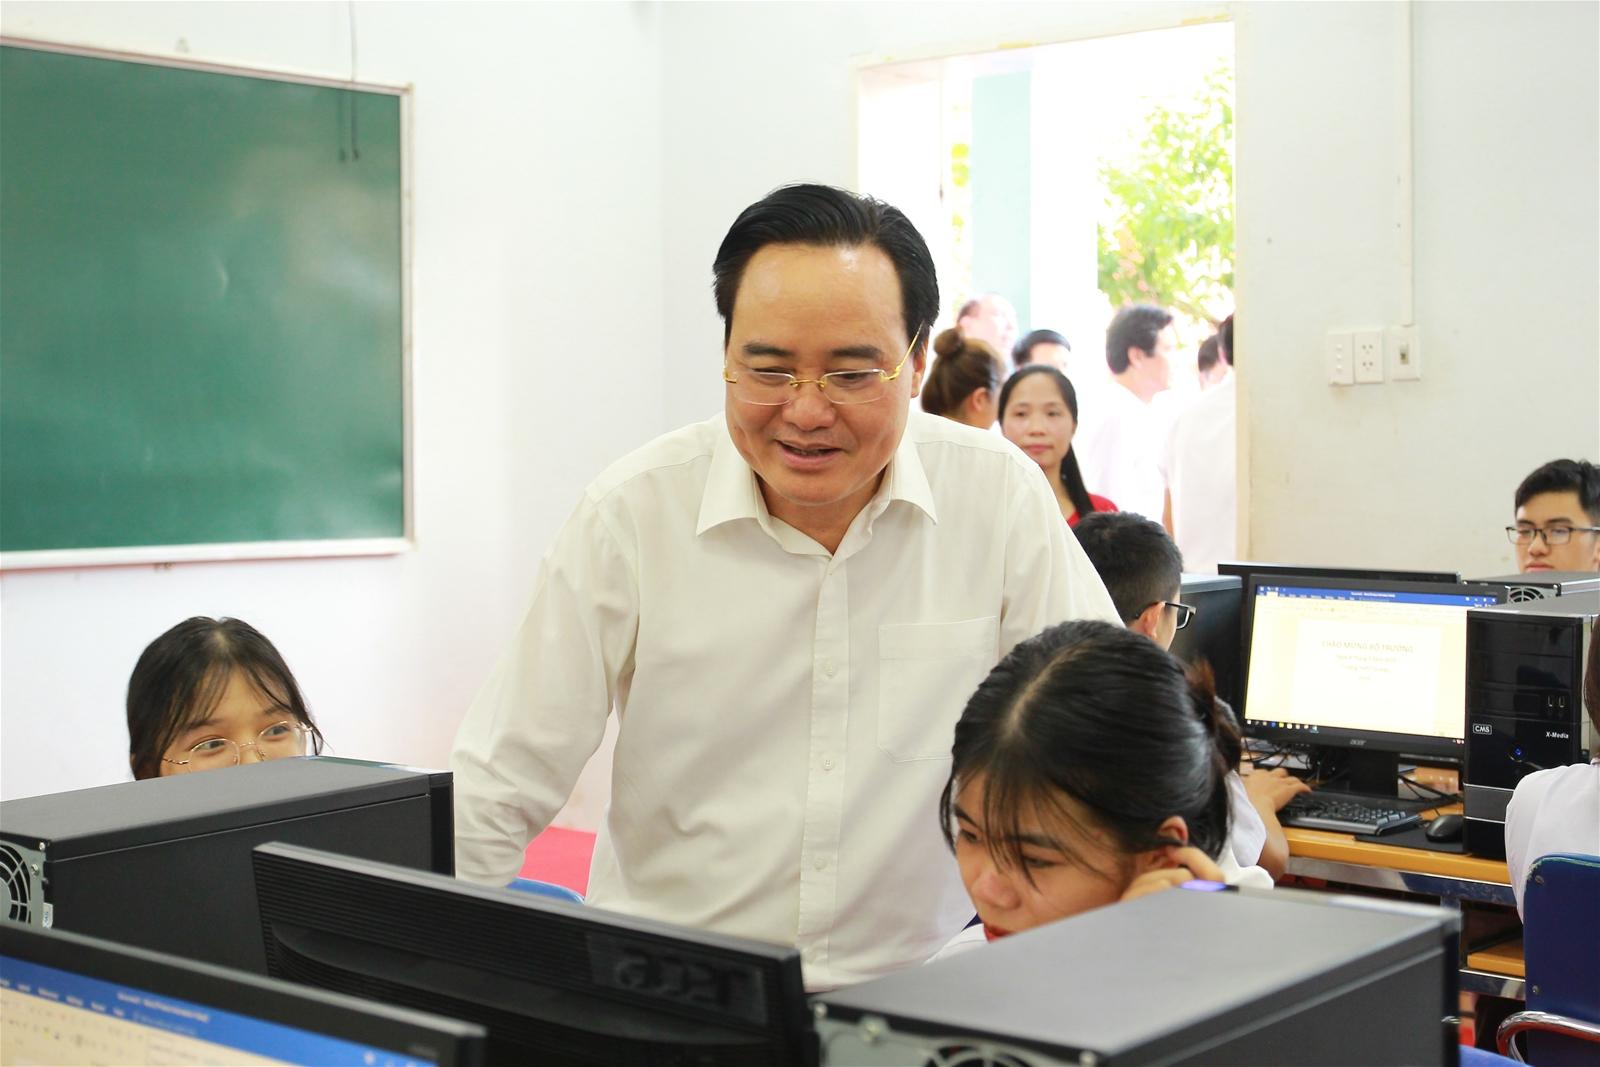 Bộ trưởng Phùng Xuân Nhạ thăm và làm việc tại trường THPT Tô Hiệu, Sơn La - Ảnh minh hoạ 3